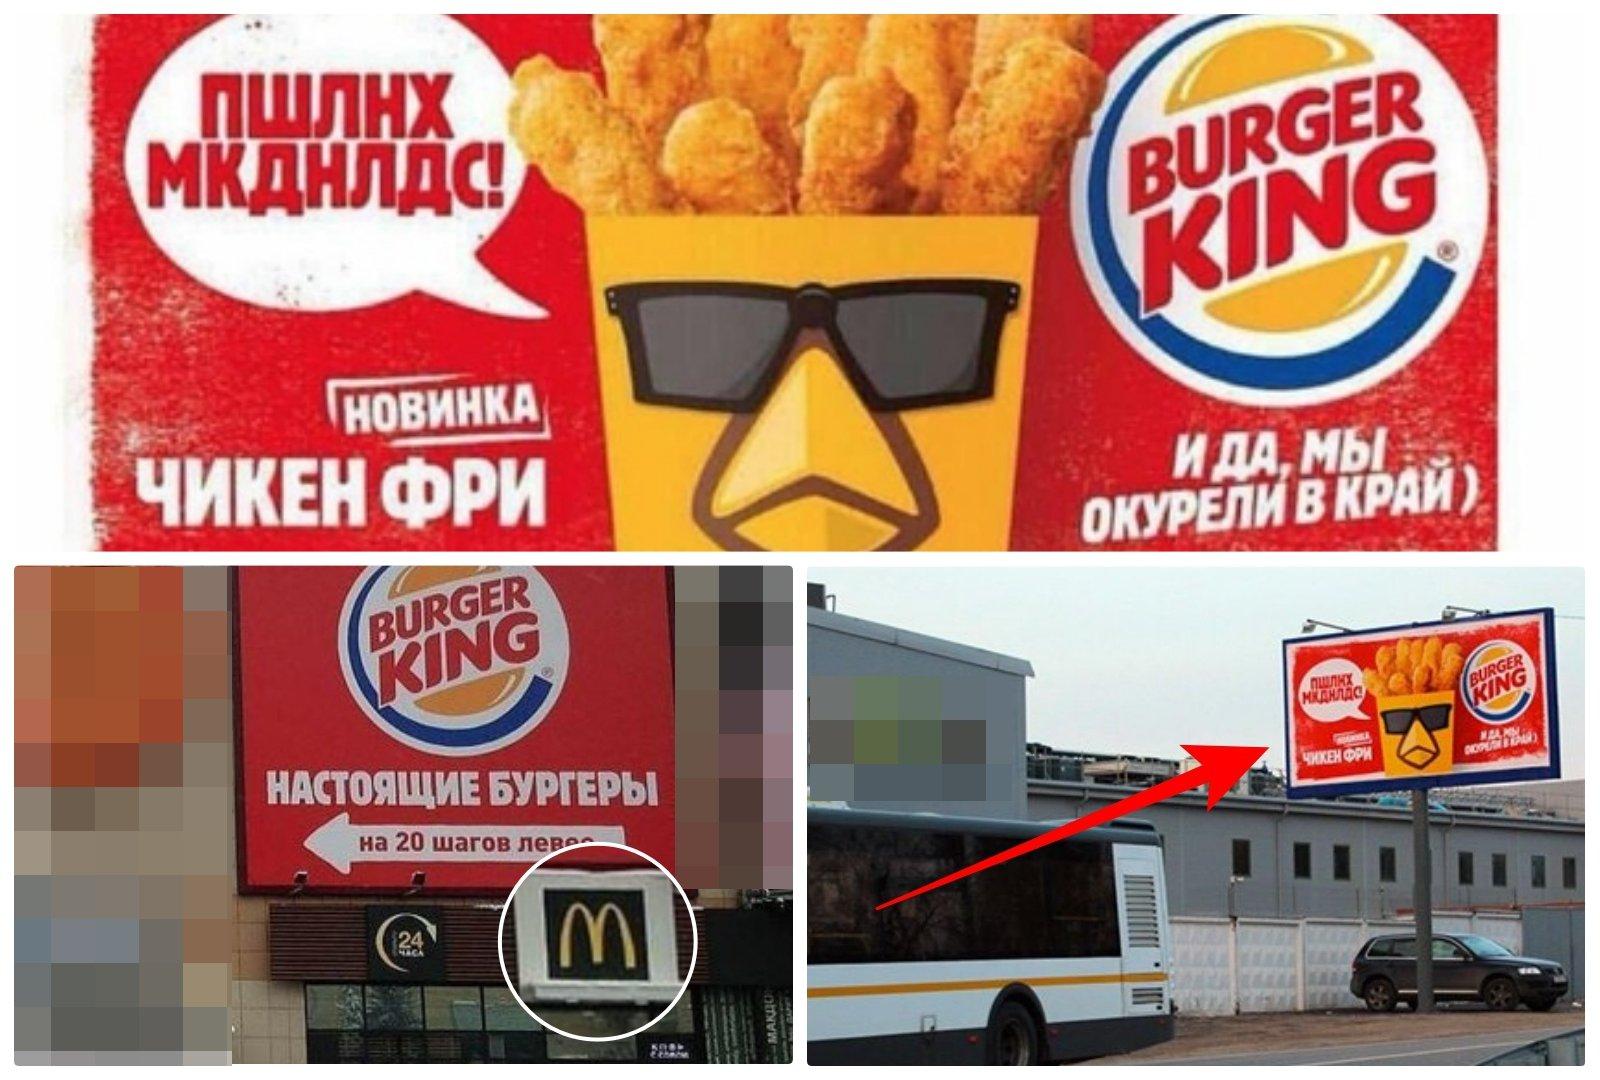 Гигантский Burger King с огромной колбасой